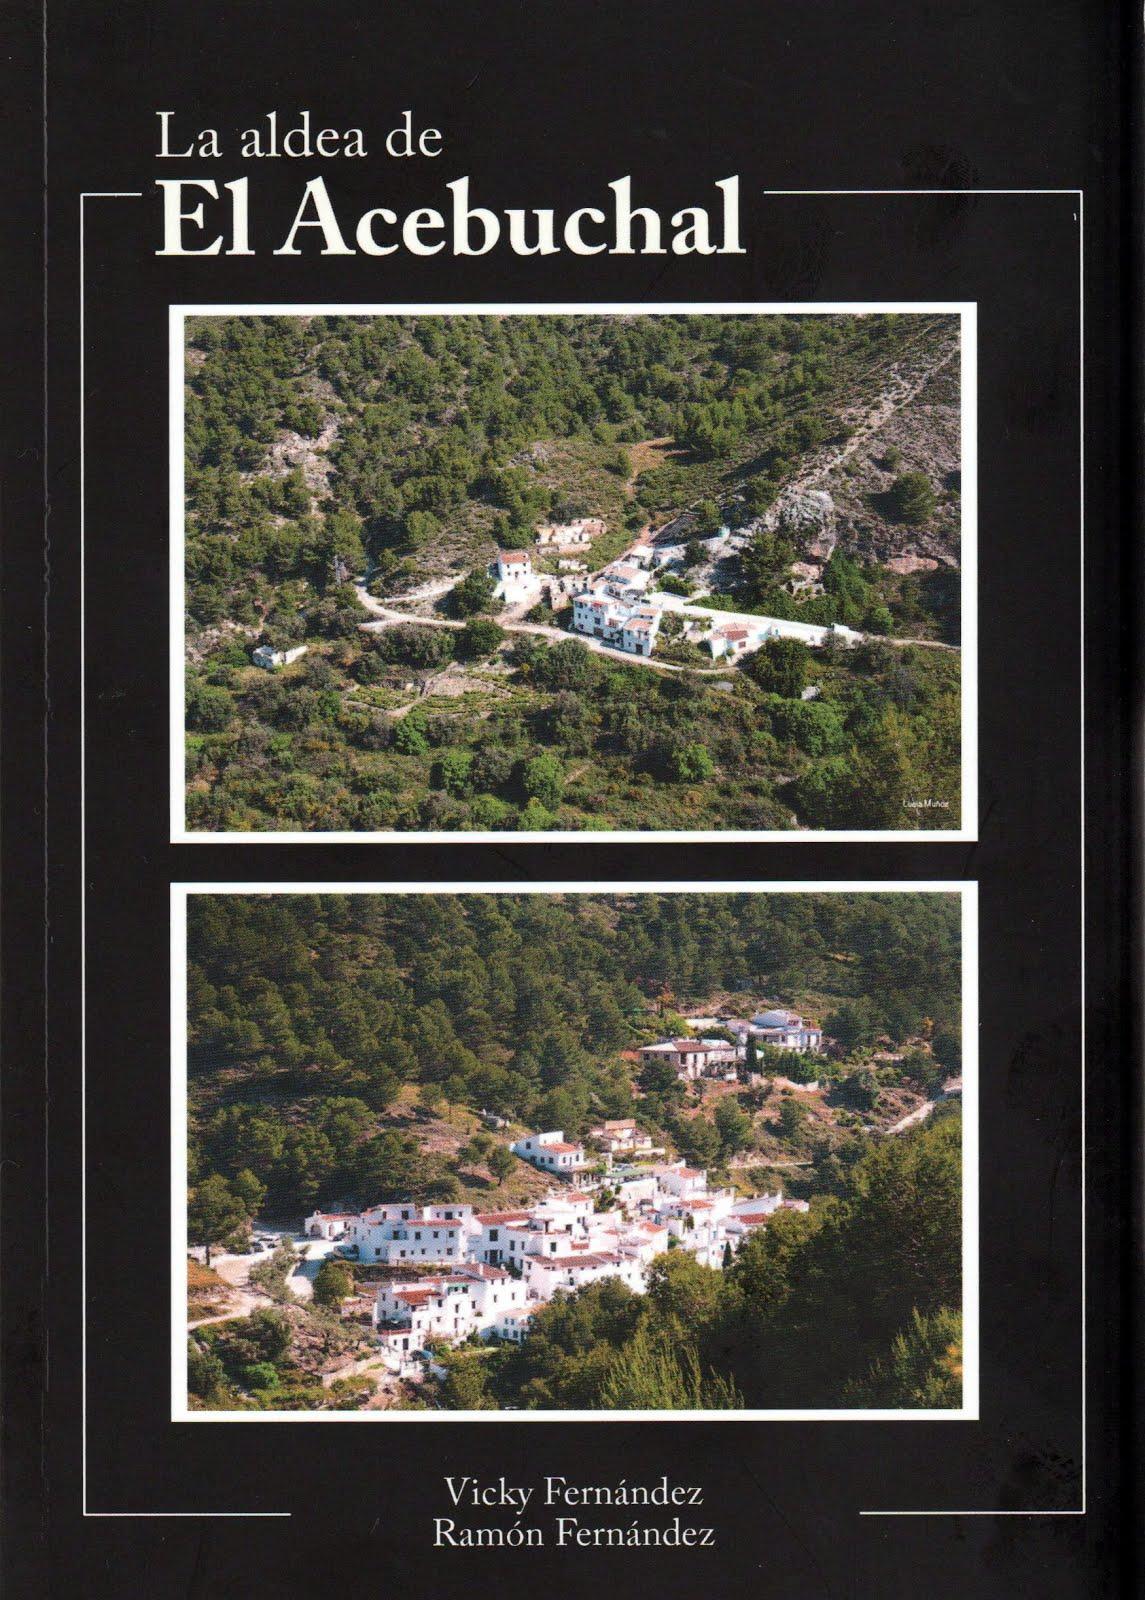 La aldea de El Acebuchal